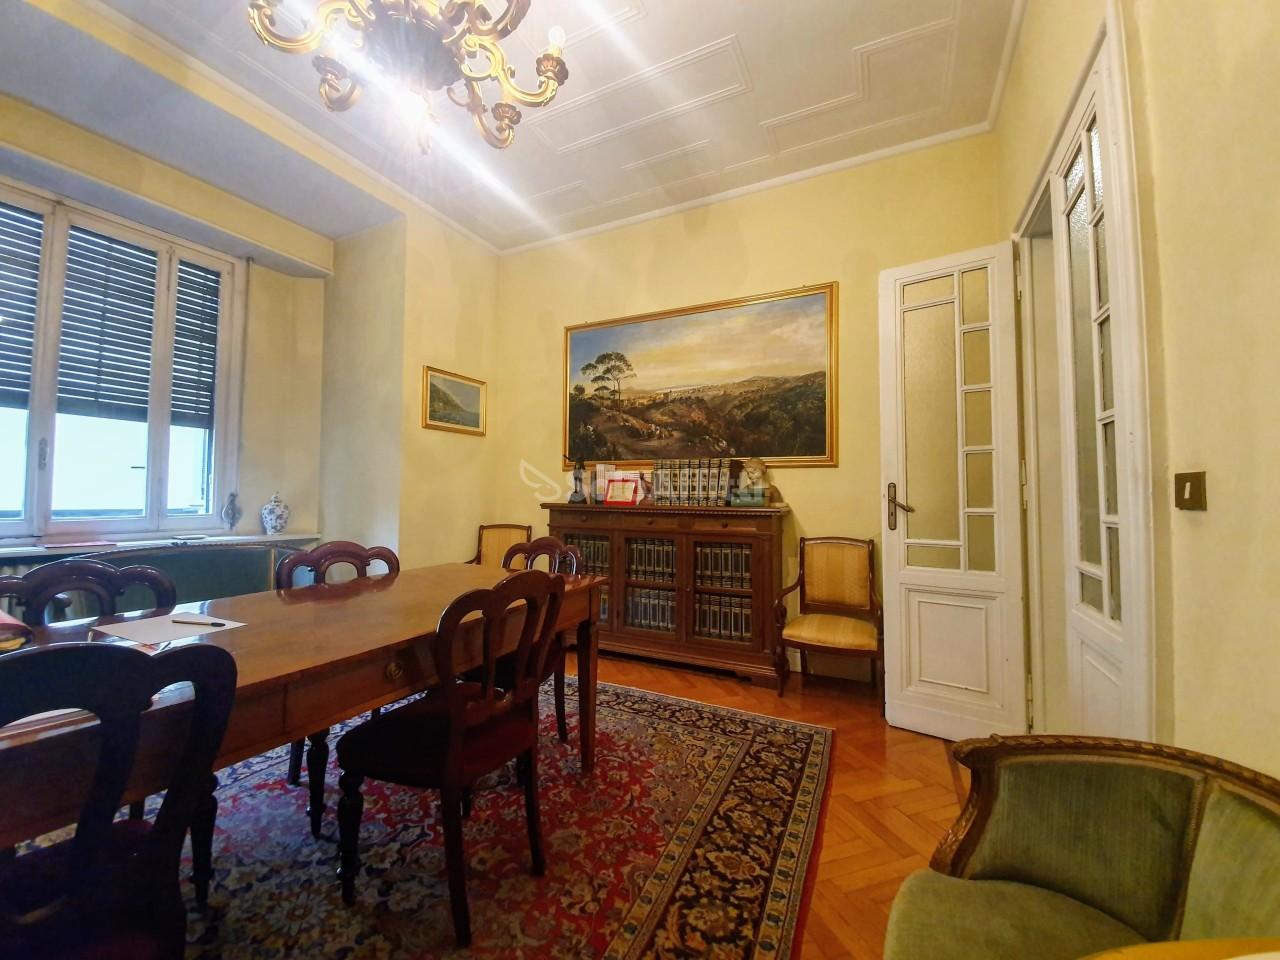 Ufficio - 1 locale a San Donato, Torino Rif. 9957610